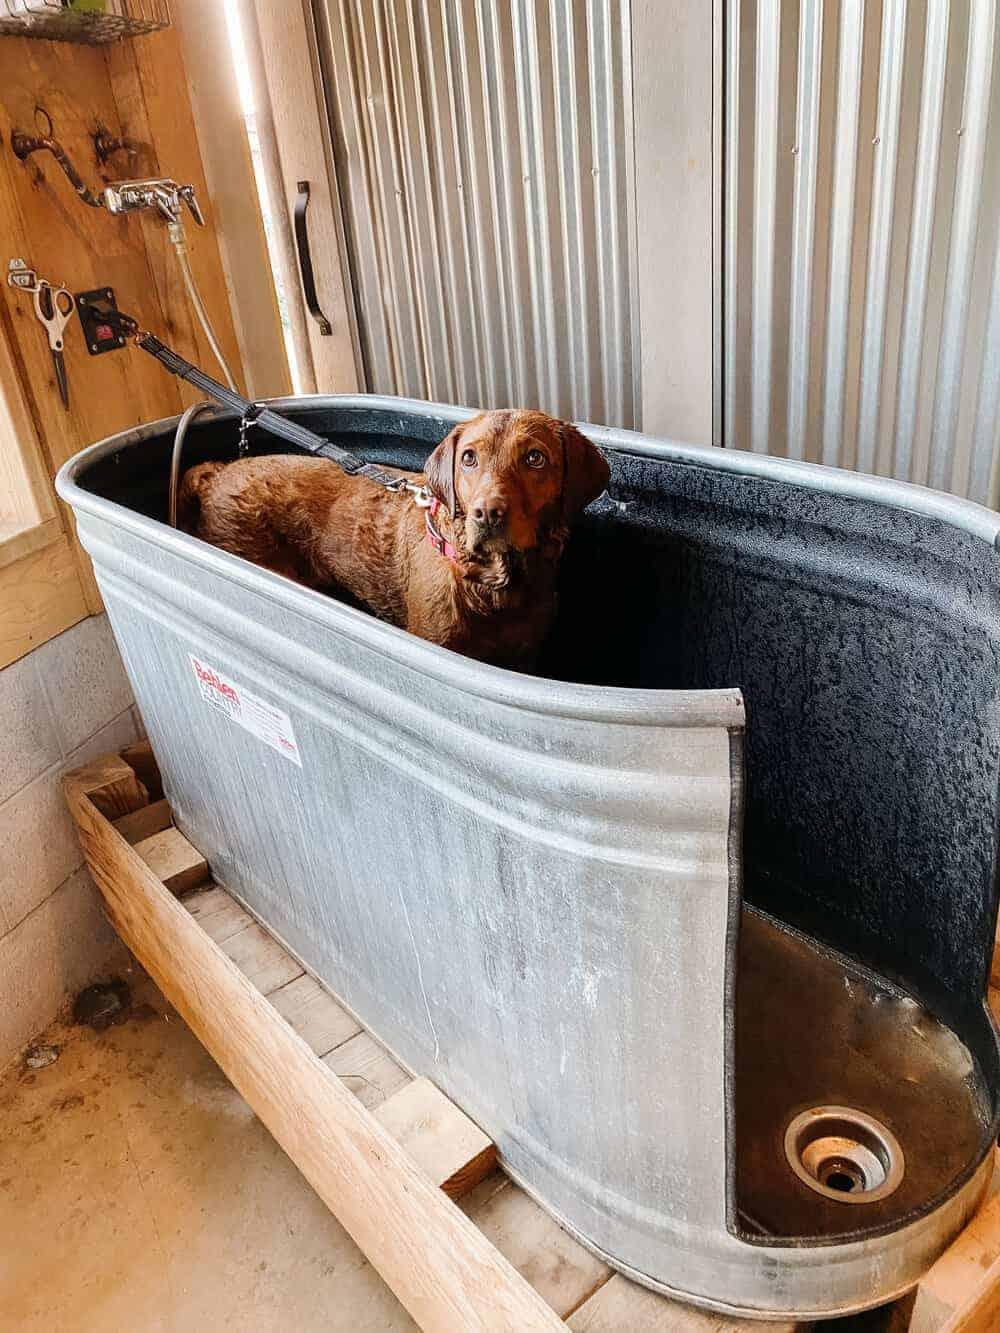 Thermaland Oaks DIY Dog Bath Tub